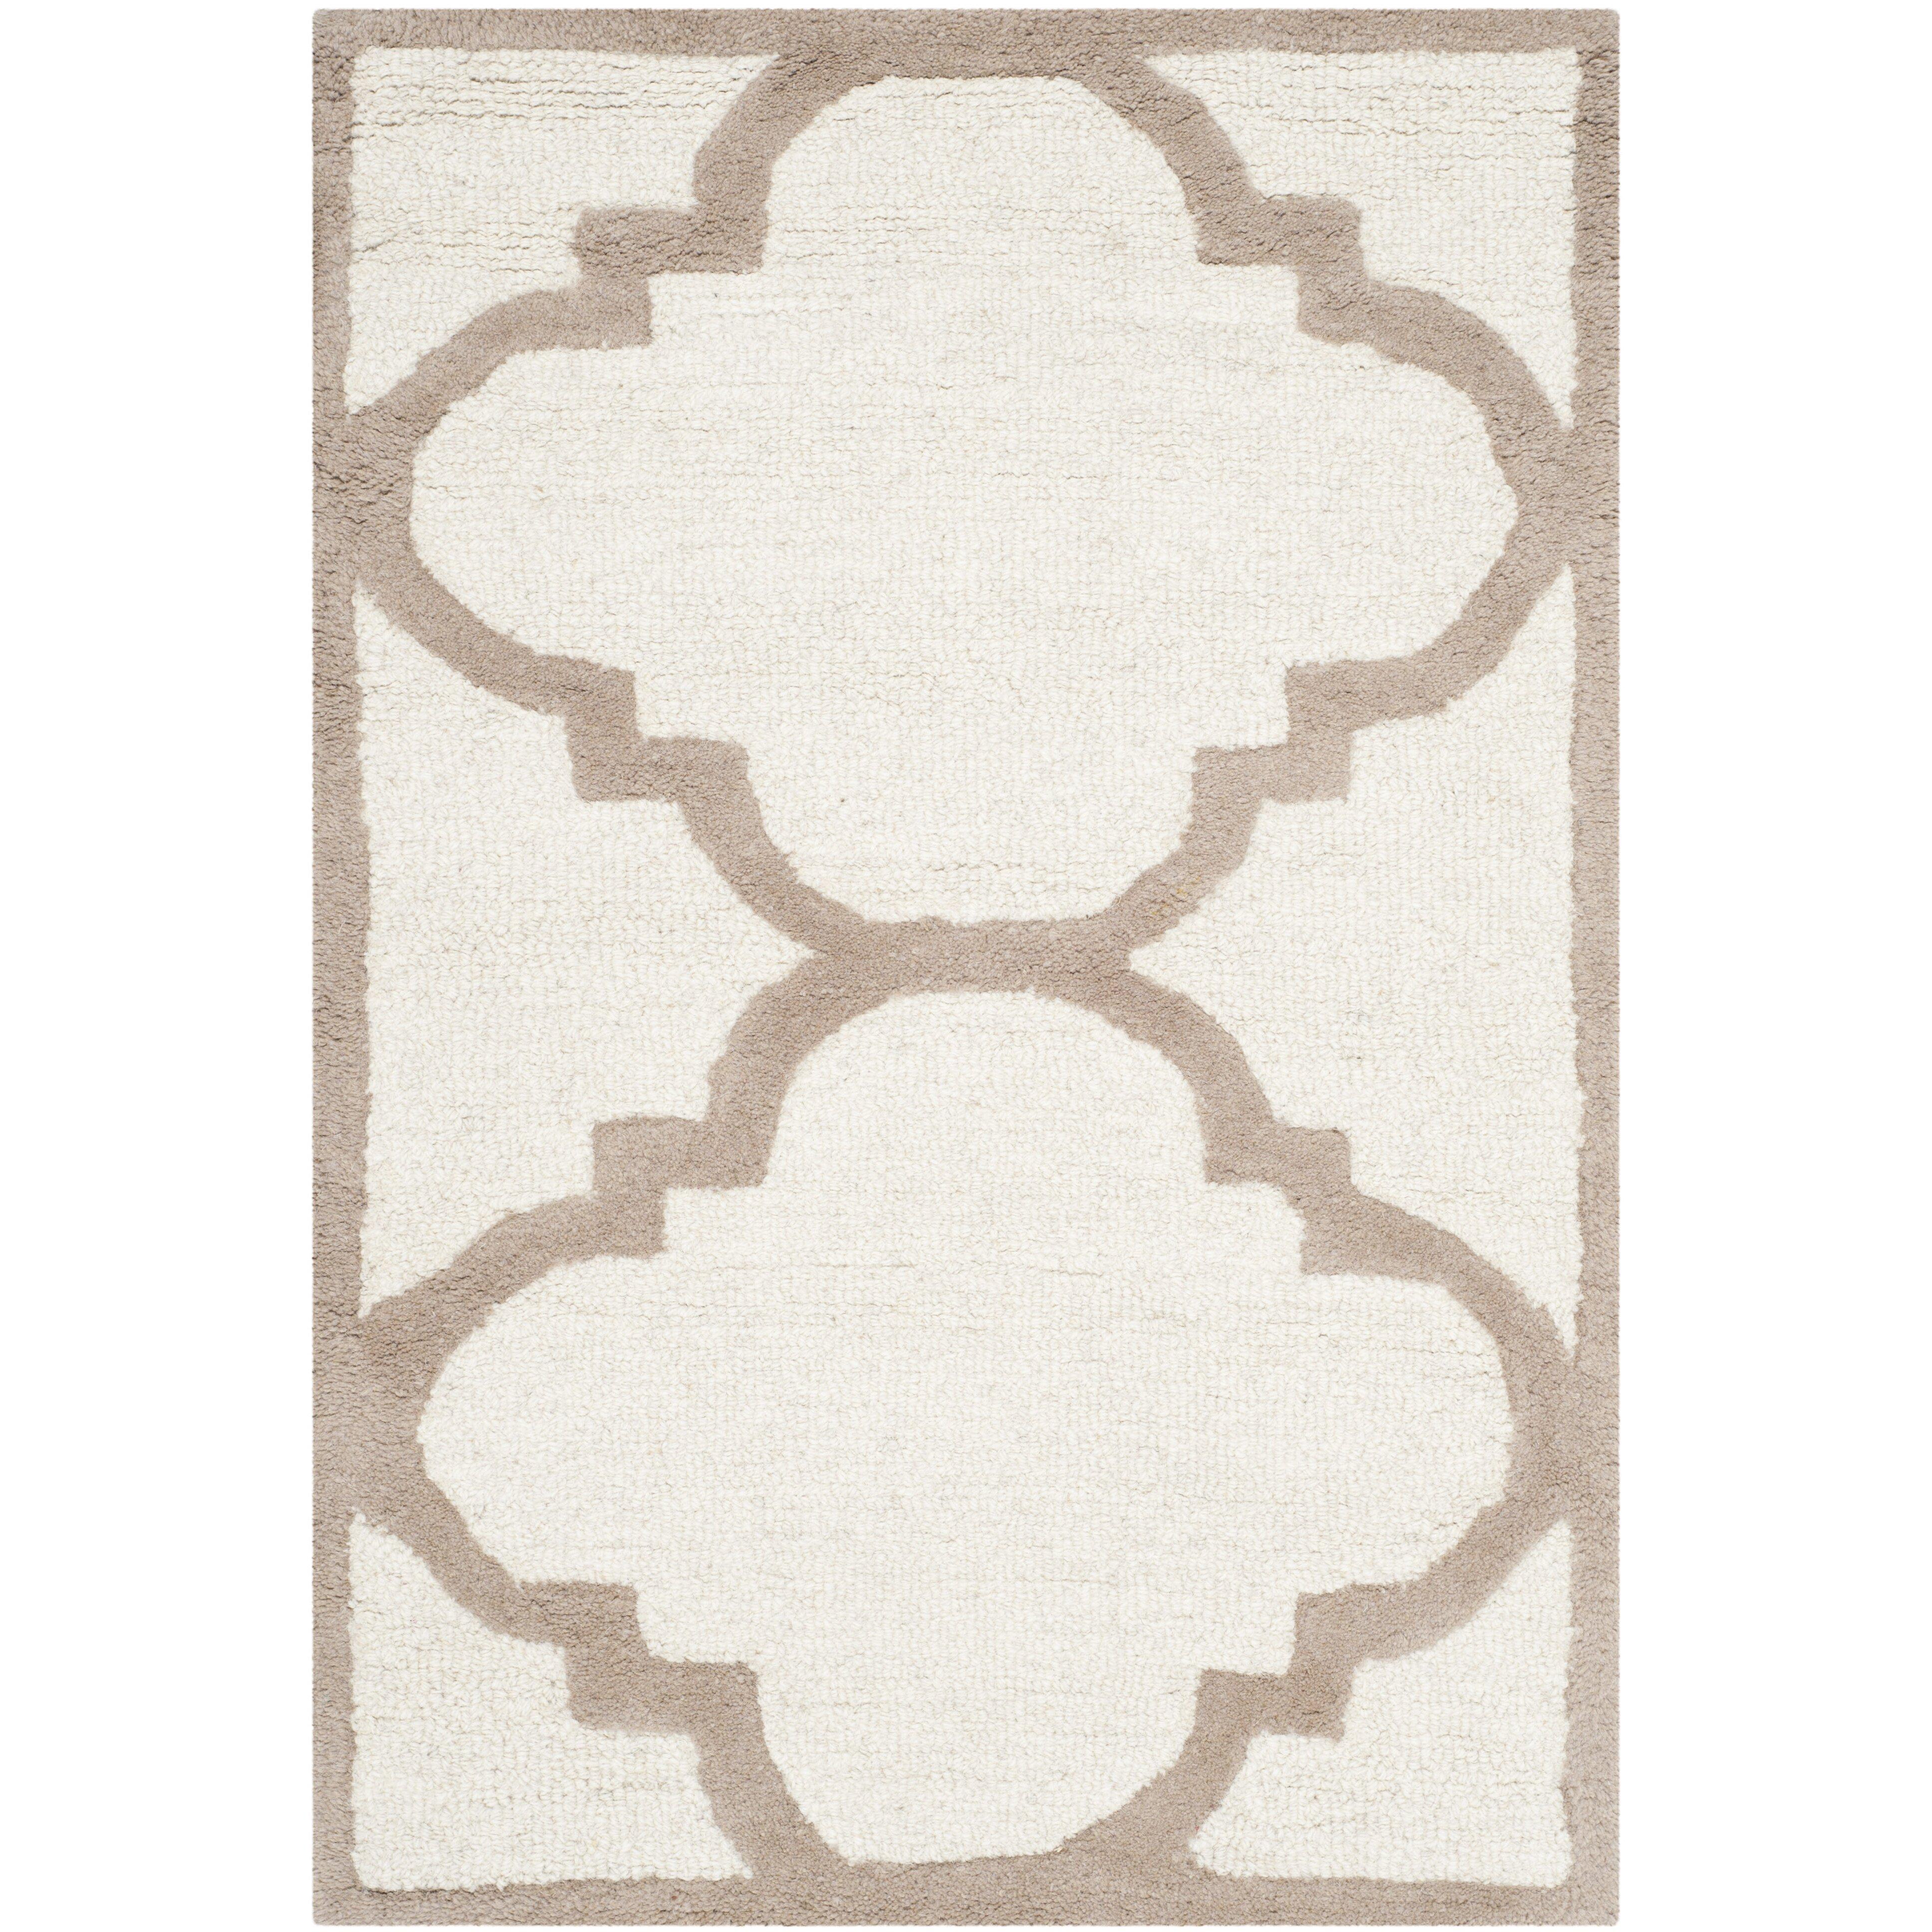 Safavieh Handgetufteter Teppich Cambridge in Elfenbein